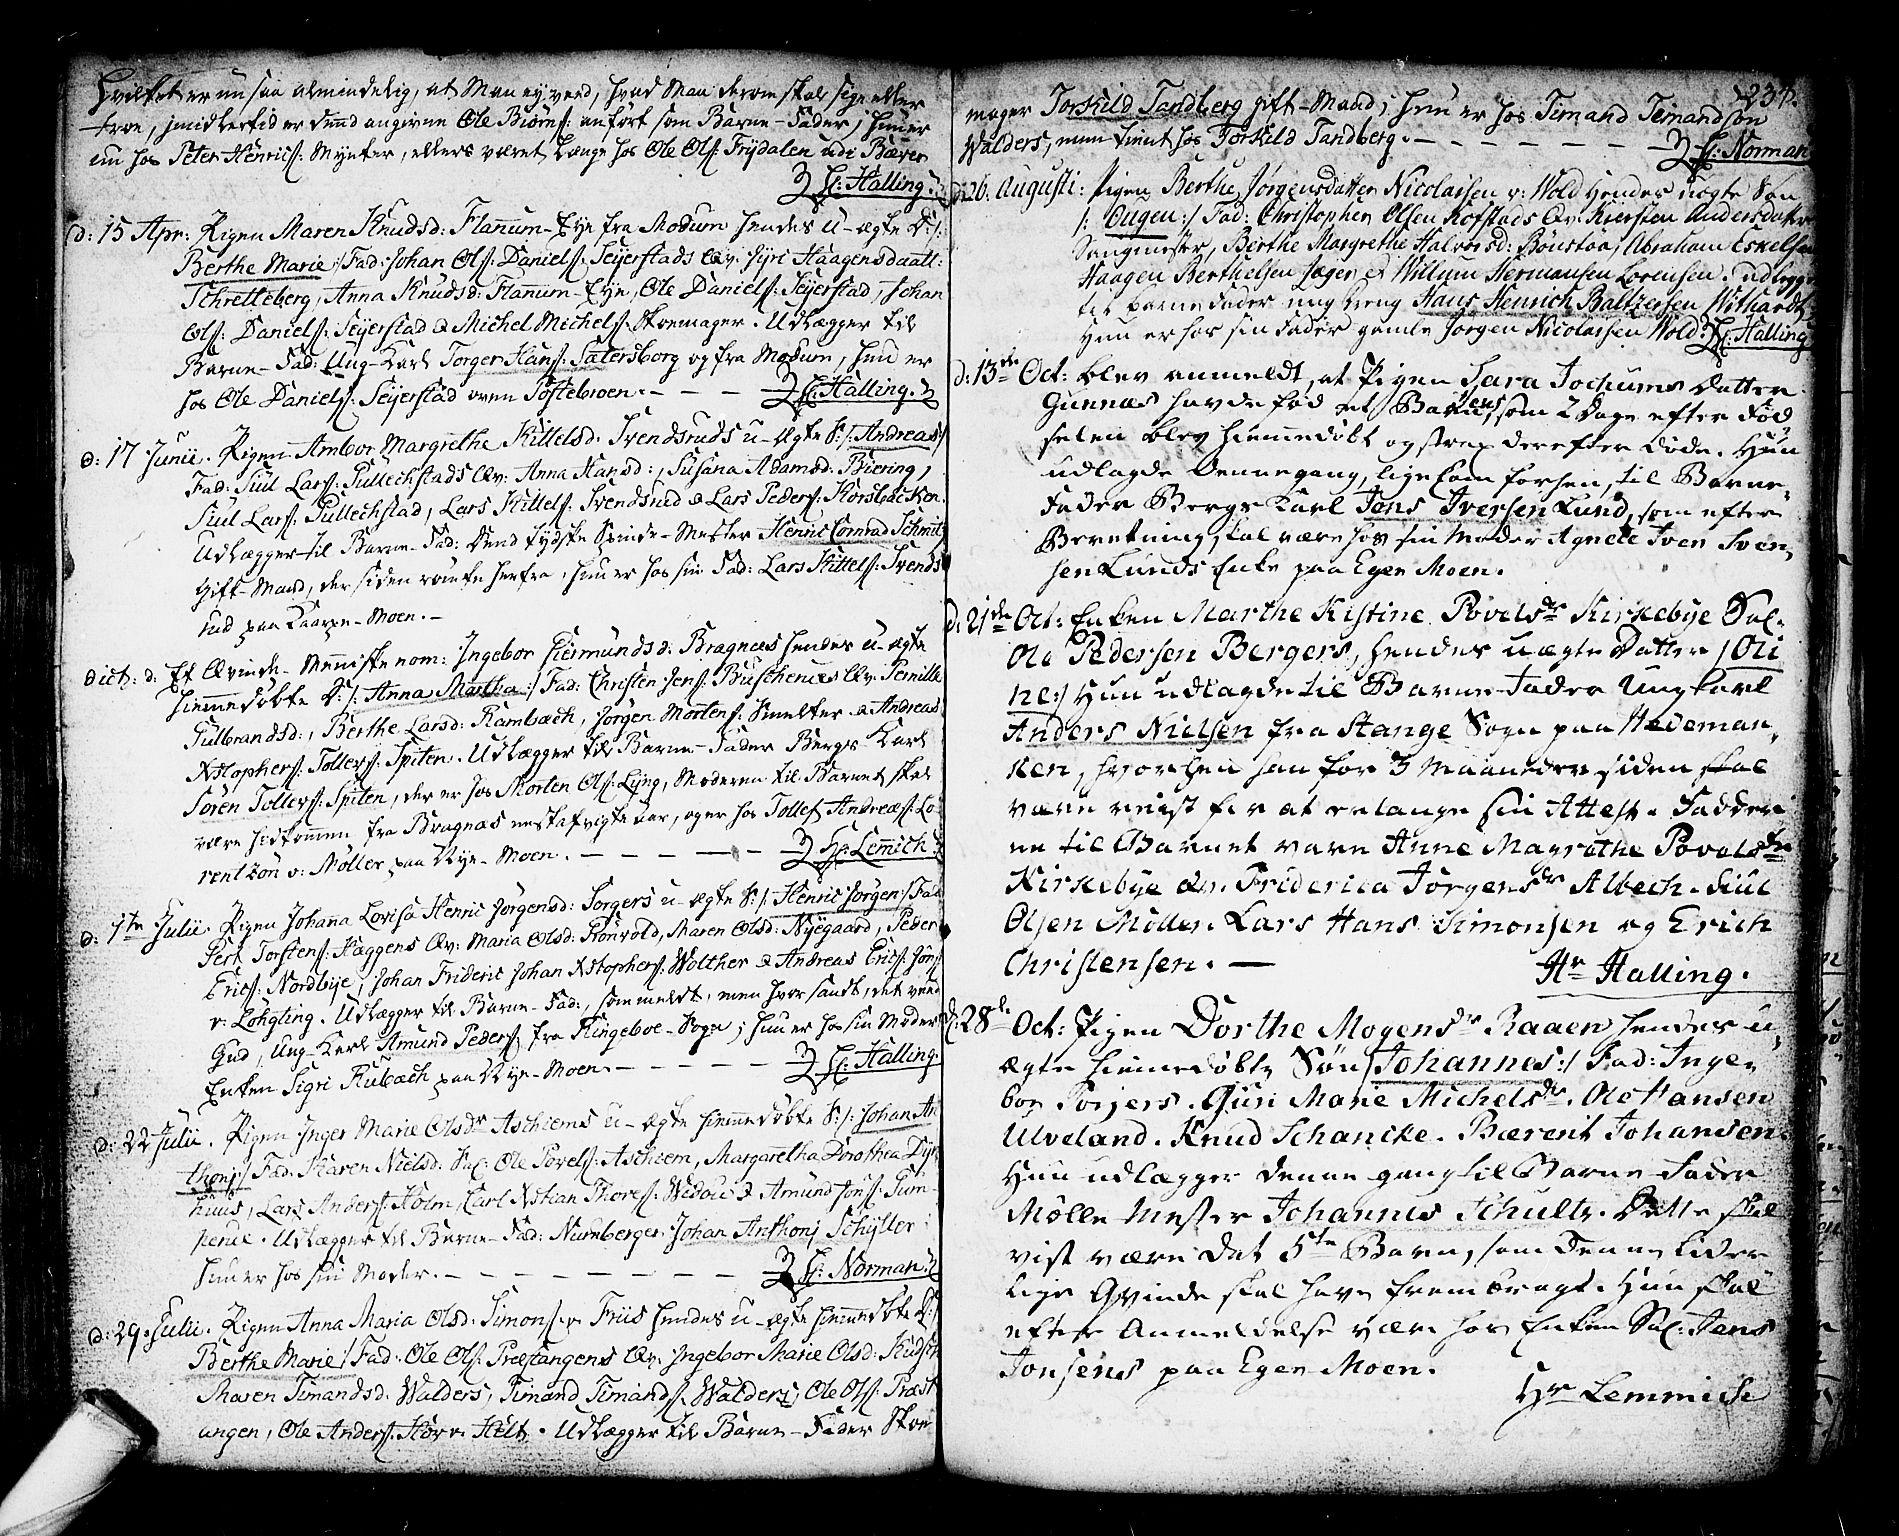 SAKO, Kongsberg kirkebøker, F/Fa/L0006: Ministerialbok nr. I 6, 1783-1797, s. 234